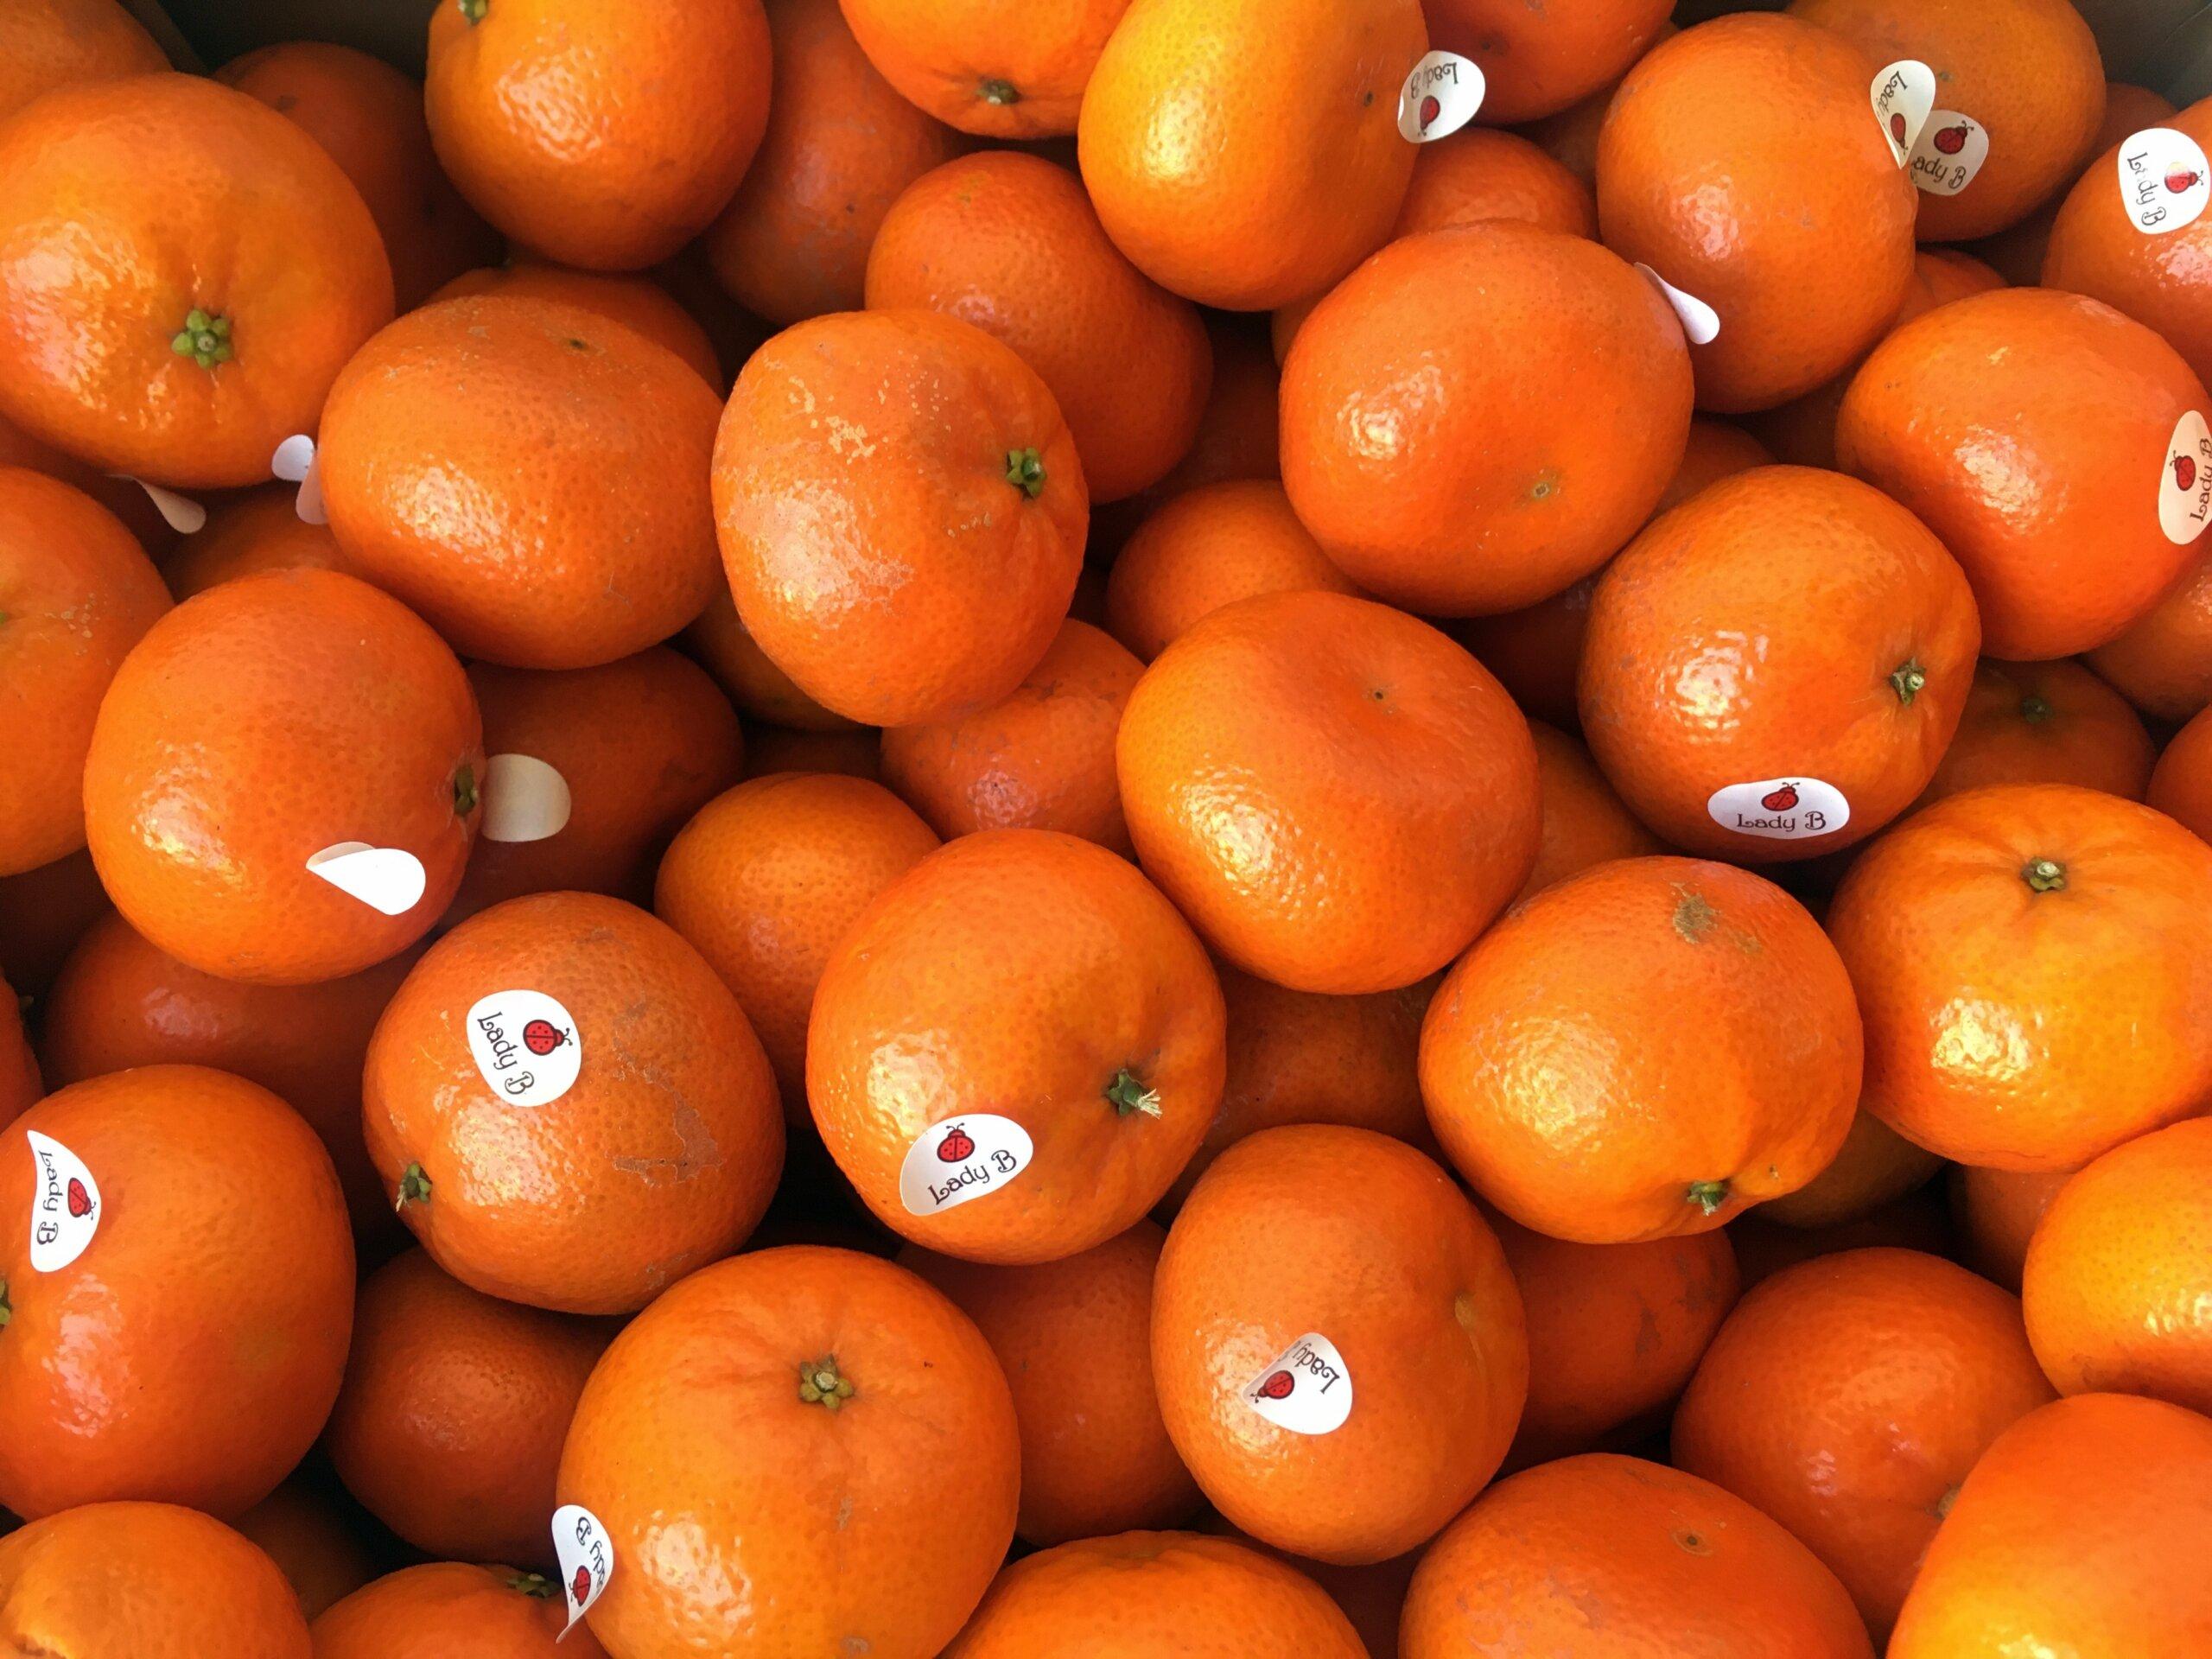 Fruitbedrijf Van den Berge: mandarijnen